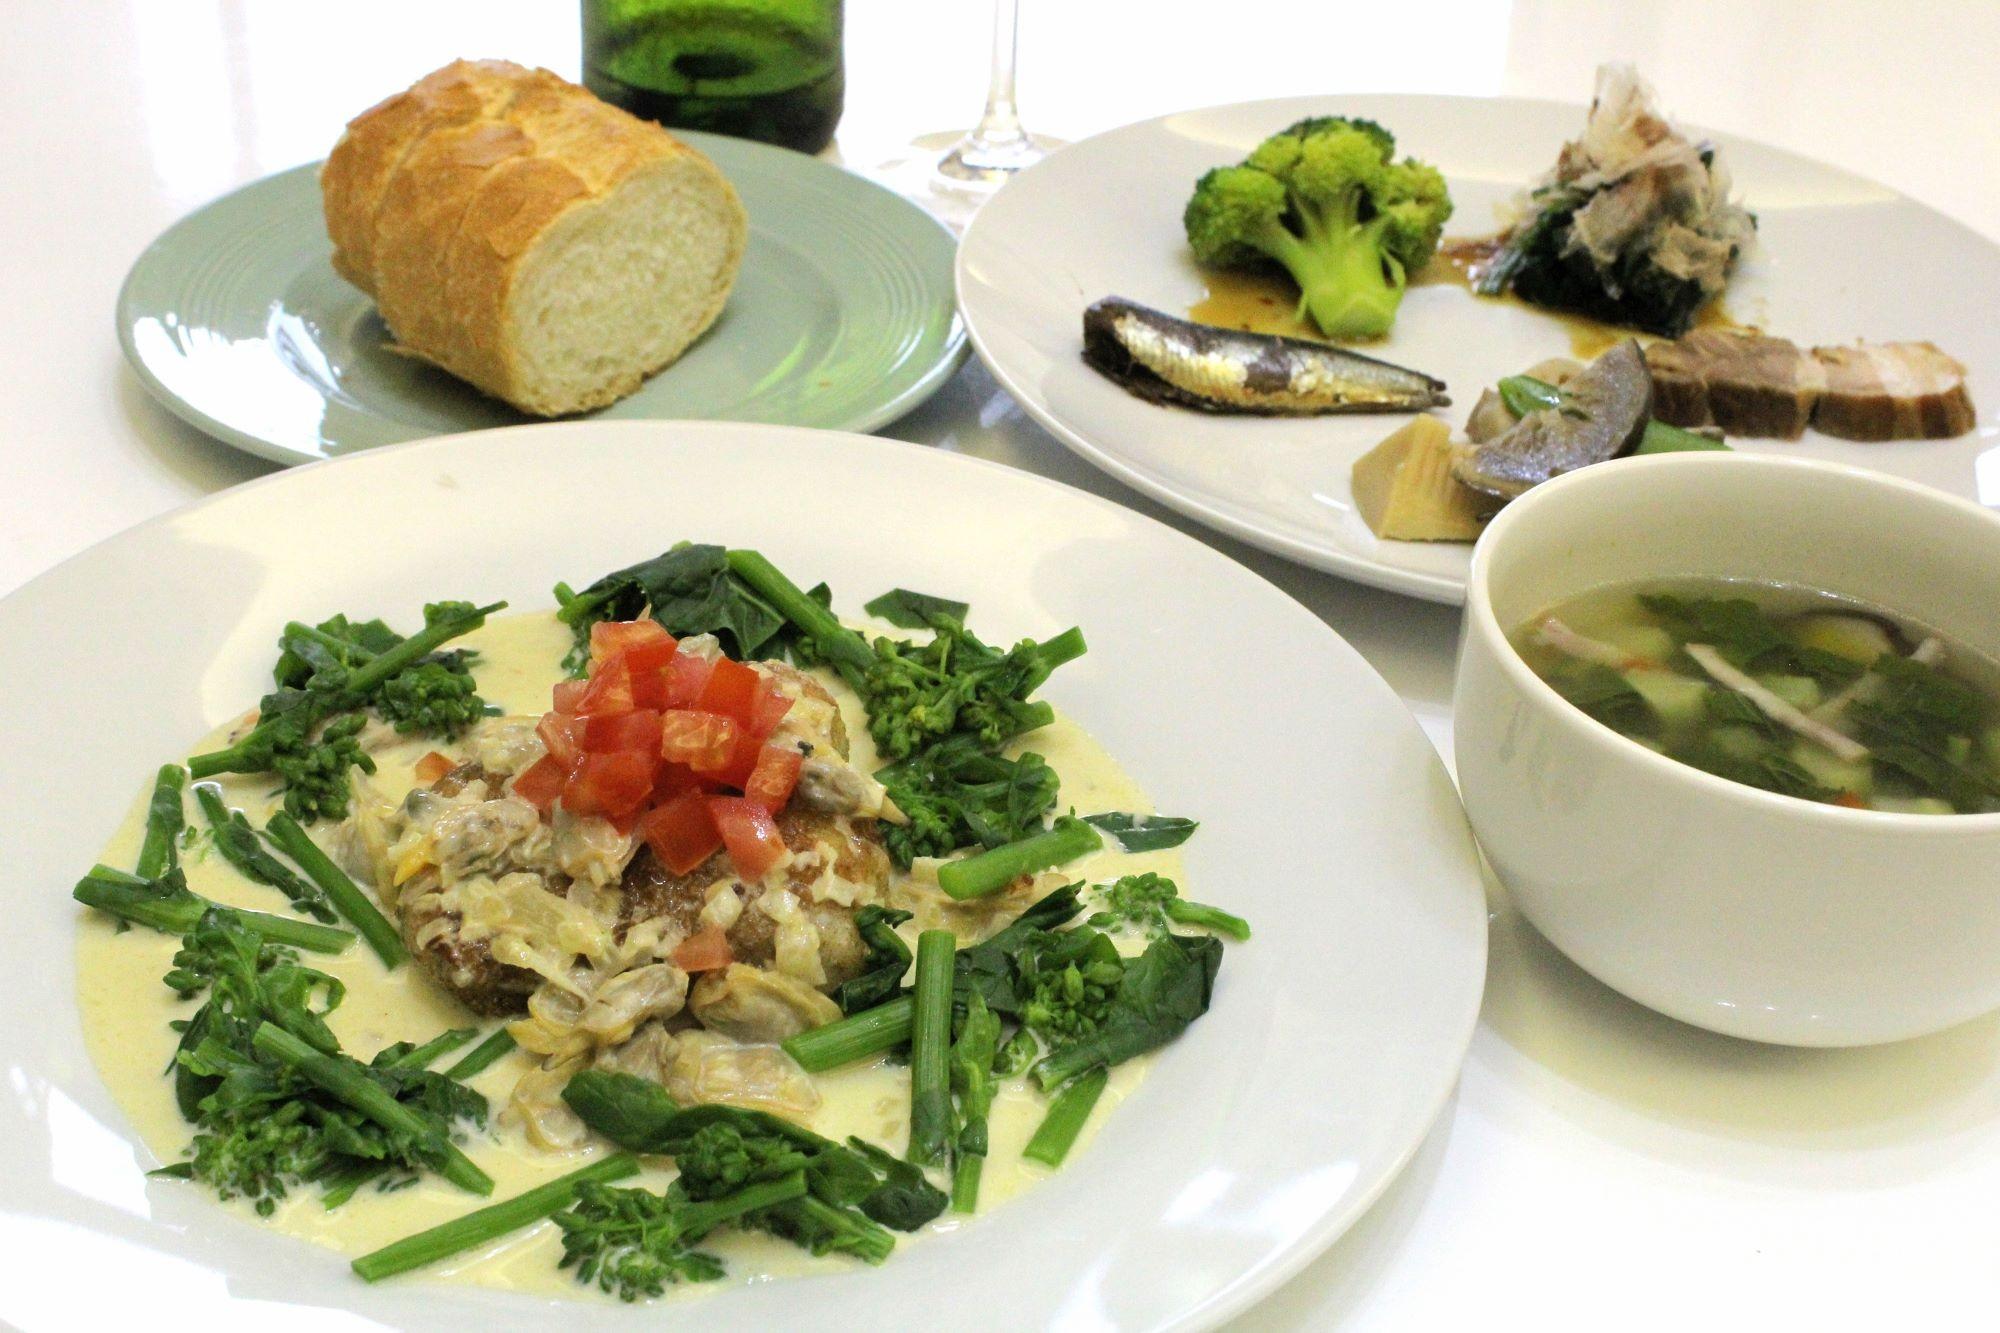 シタビラメのムニエル 菜の花添え アサリのヴァンブランソース